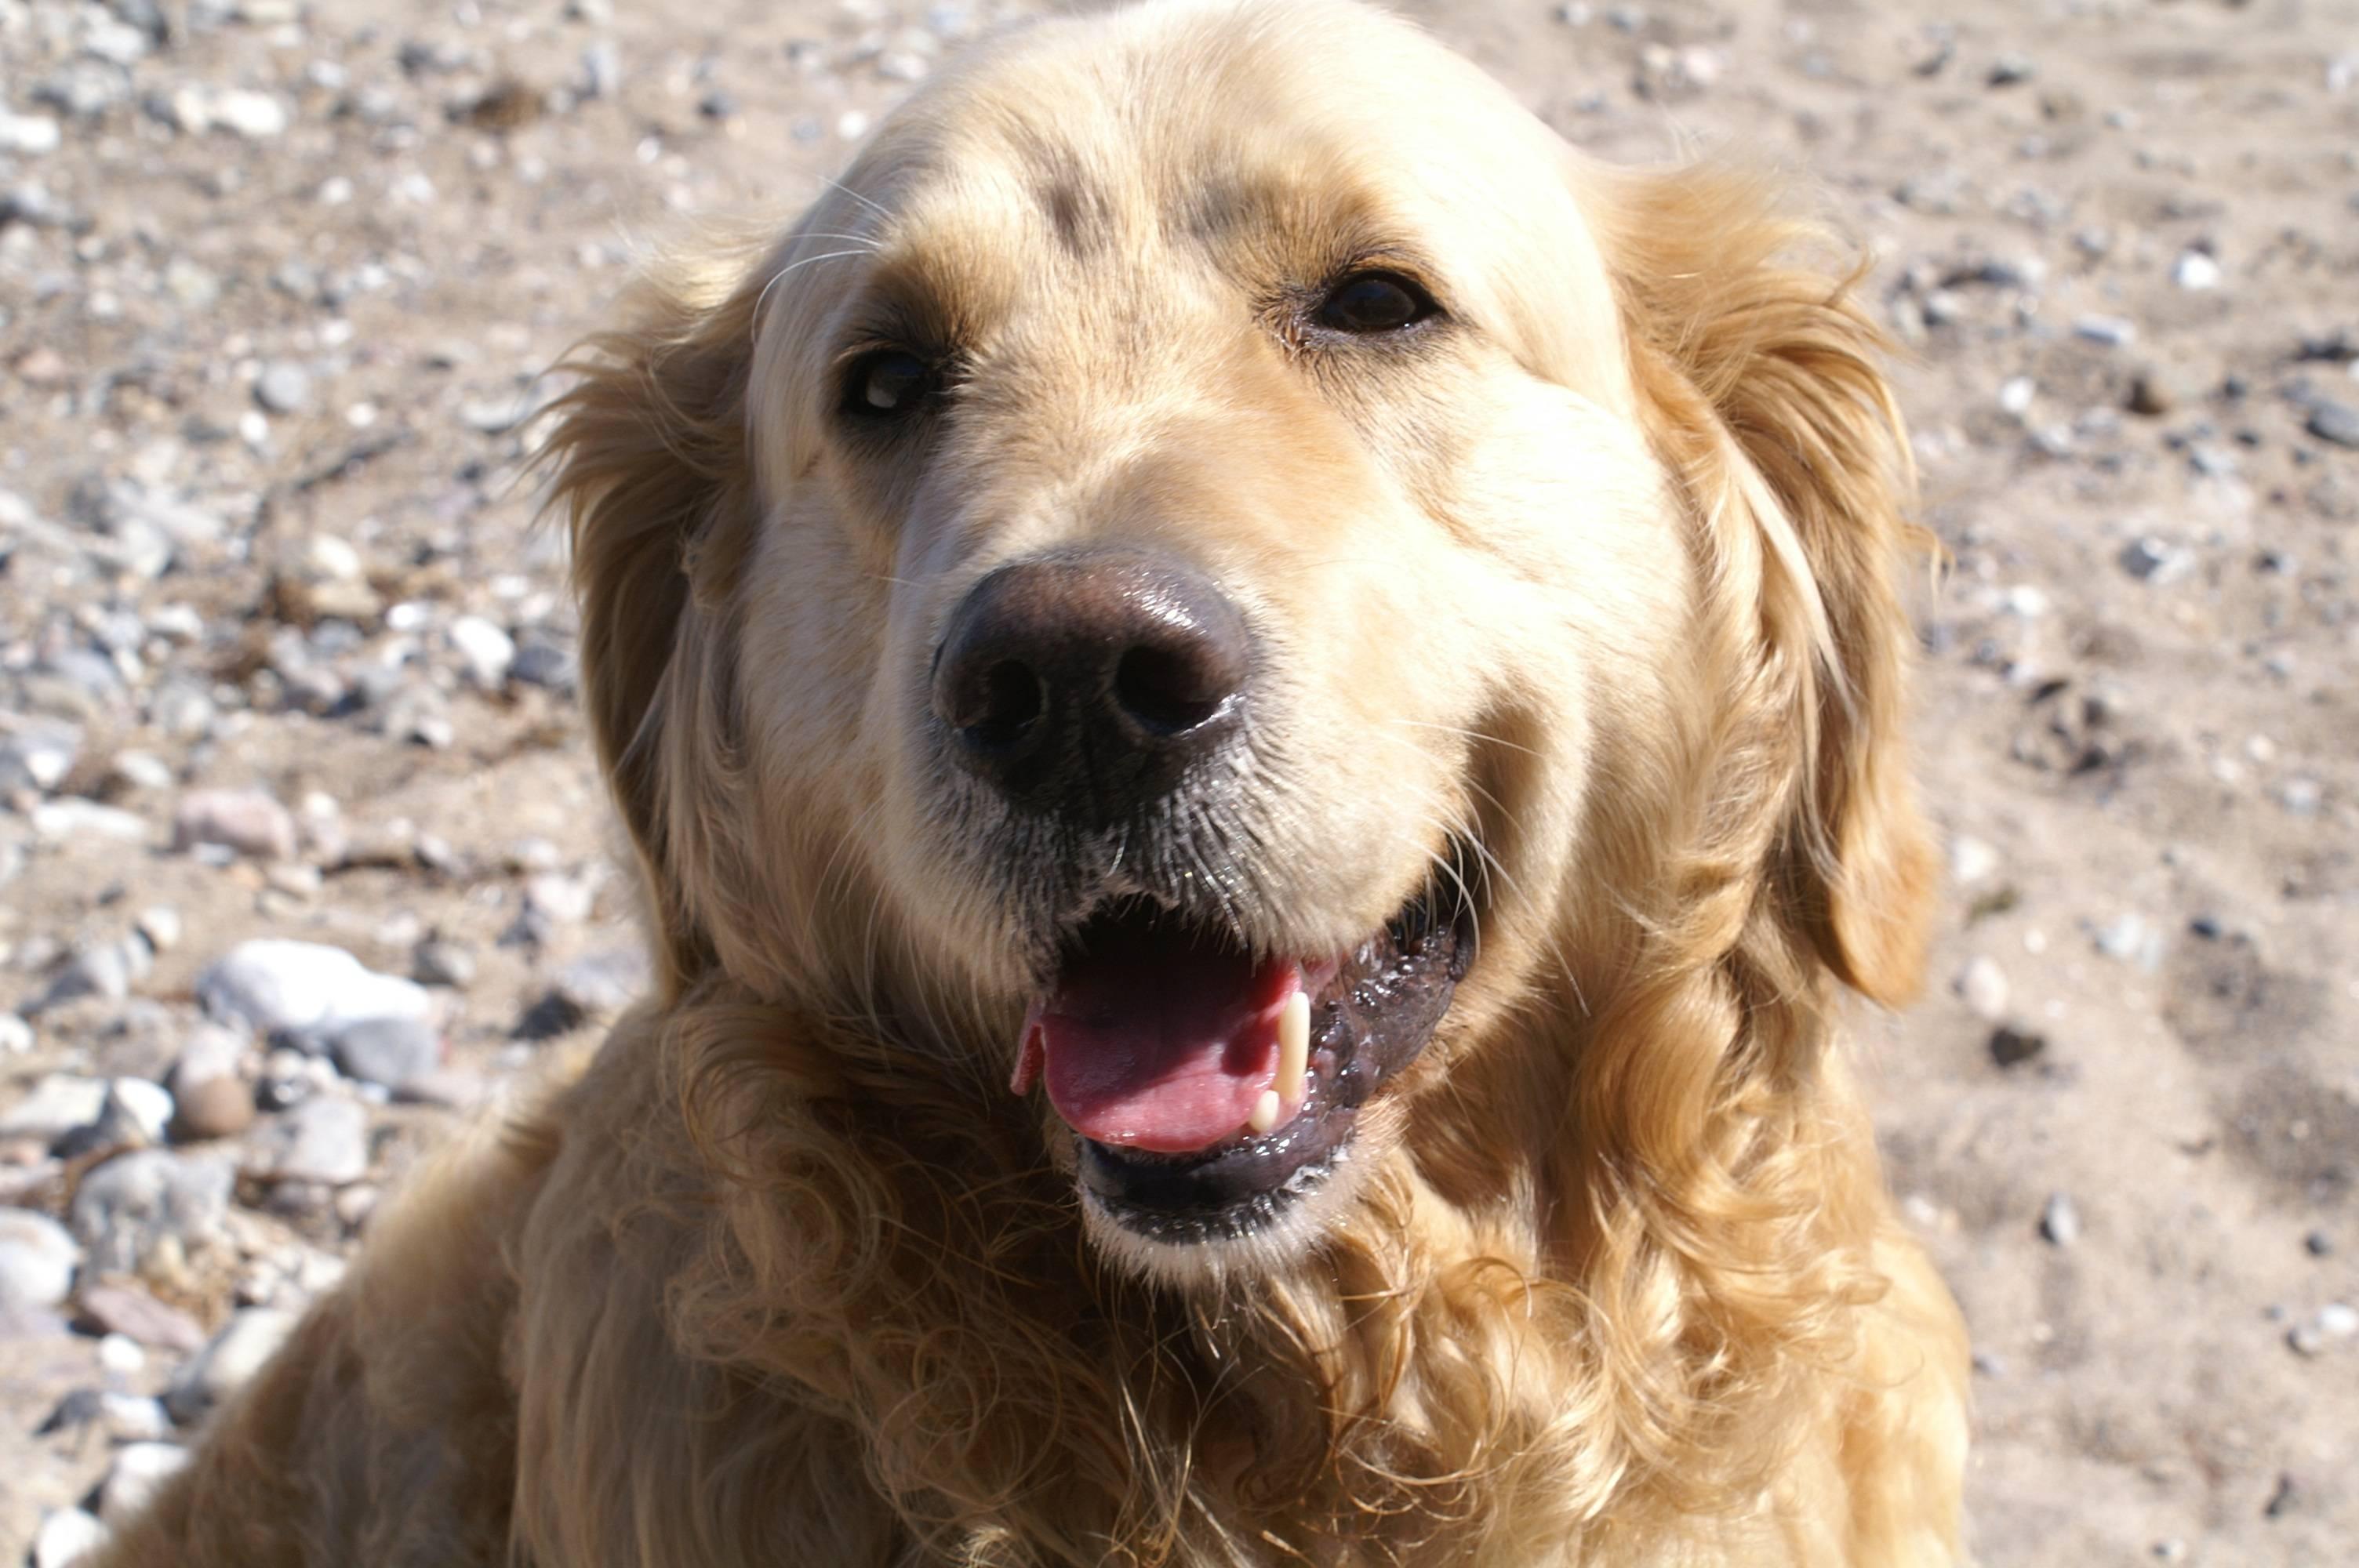 Ховаварты на урале, описание собак породы ховаварт, питомник щенков